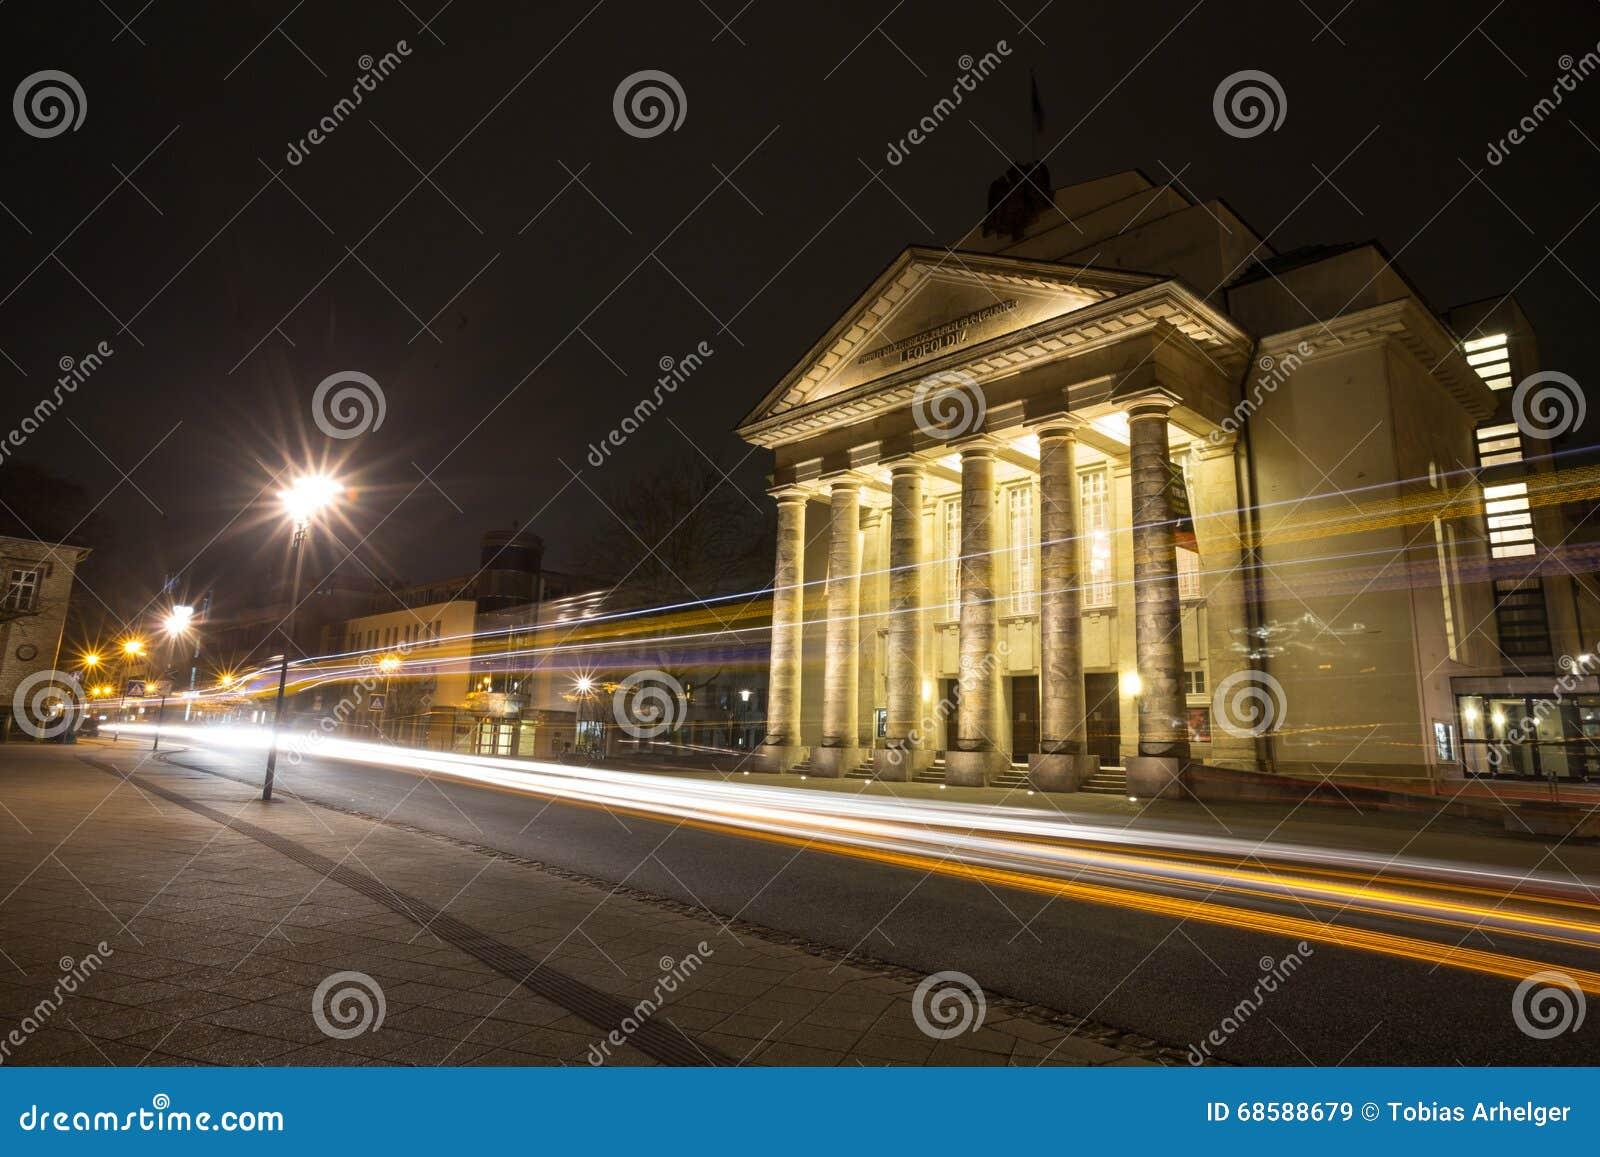 Theater detmold Duitsland in de avond met verkeerslichten